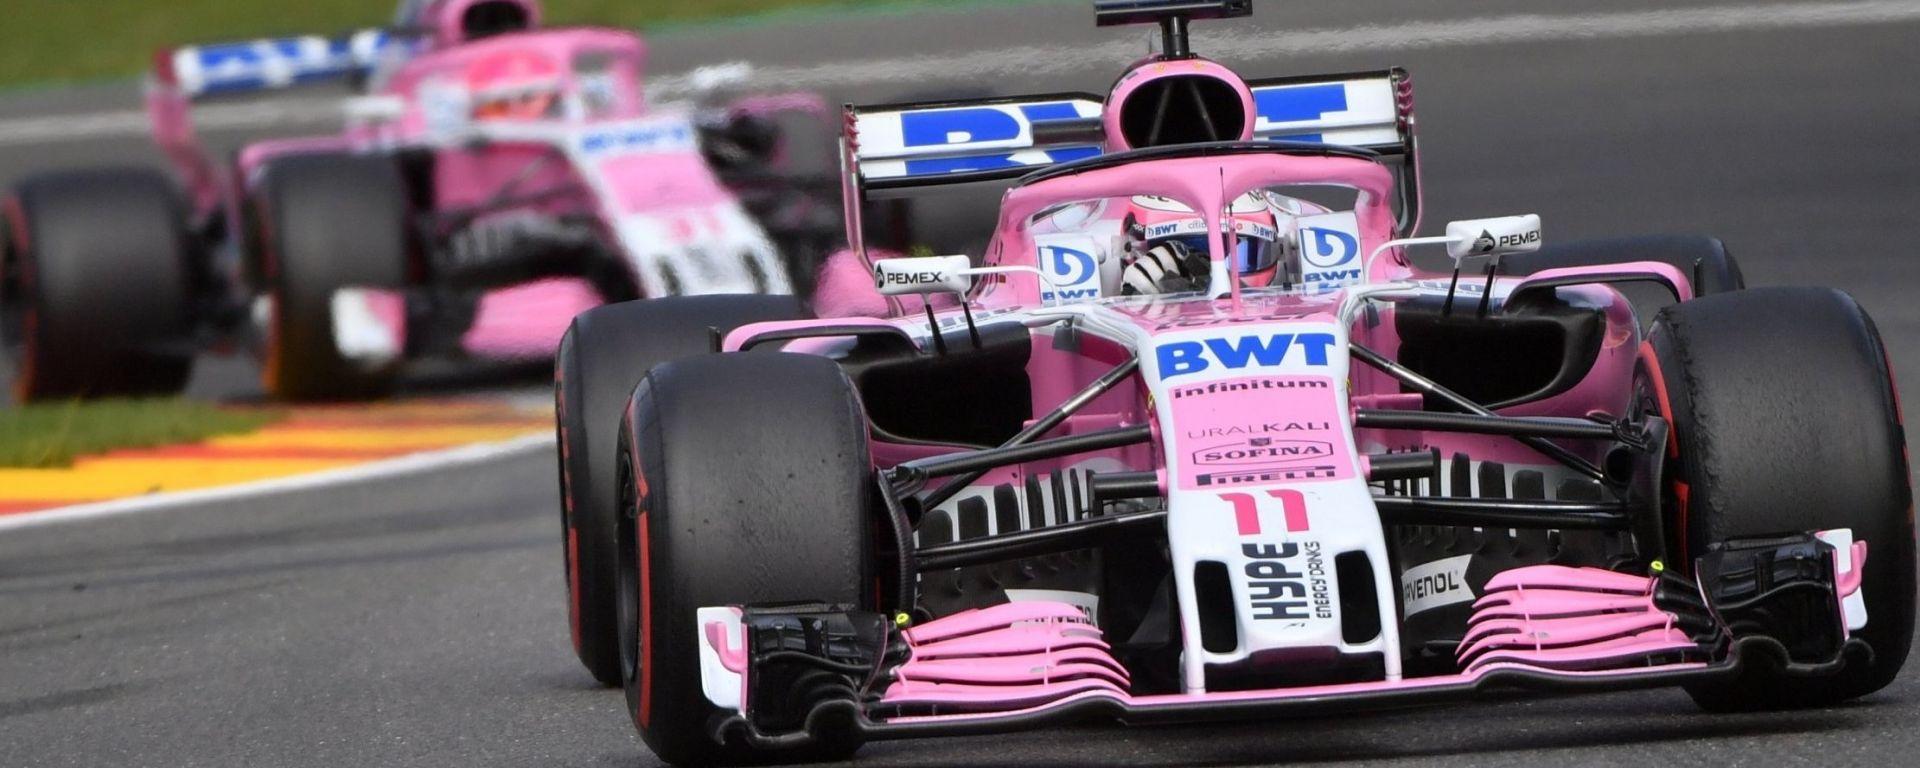 La Force India è solo l'ultima delle scuderie che hanno cambiato denominazione: dal 2019 si chiamerà Racing Point